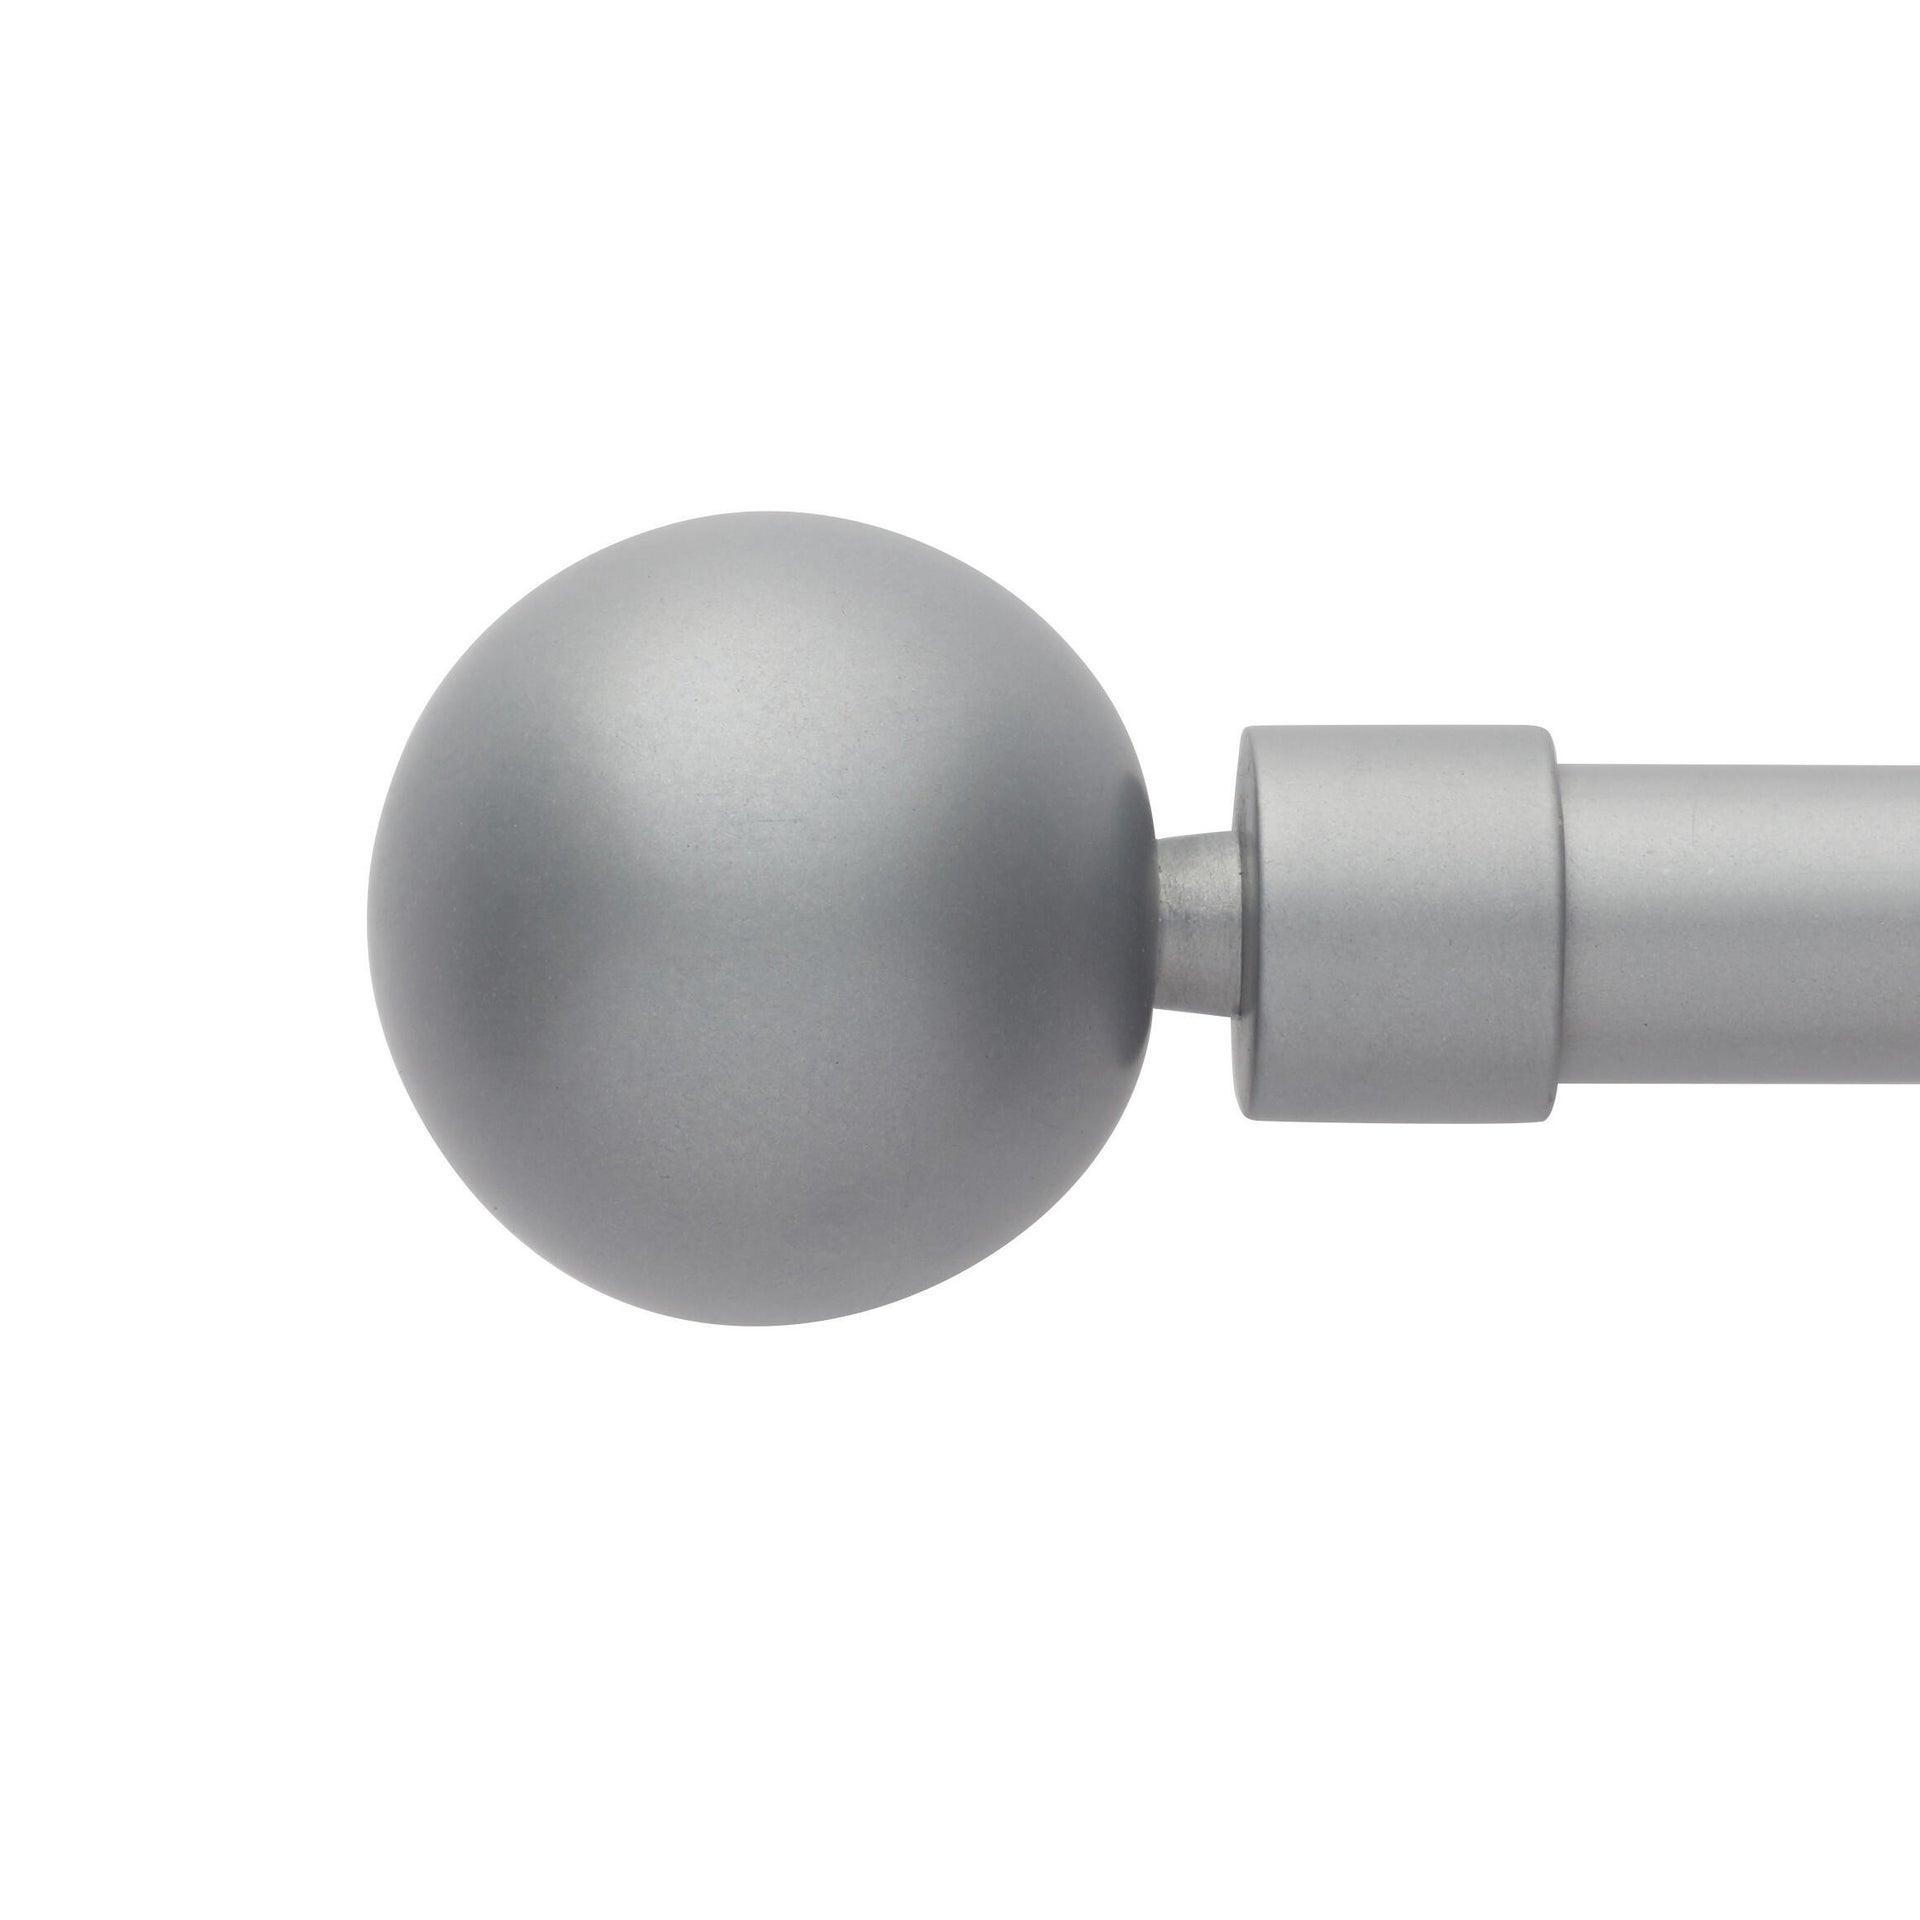 Kit bastone per tenda estensibile Palla in metallo Ø 13/16 mm grigio laccato da 120 a 210 cm - 2